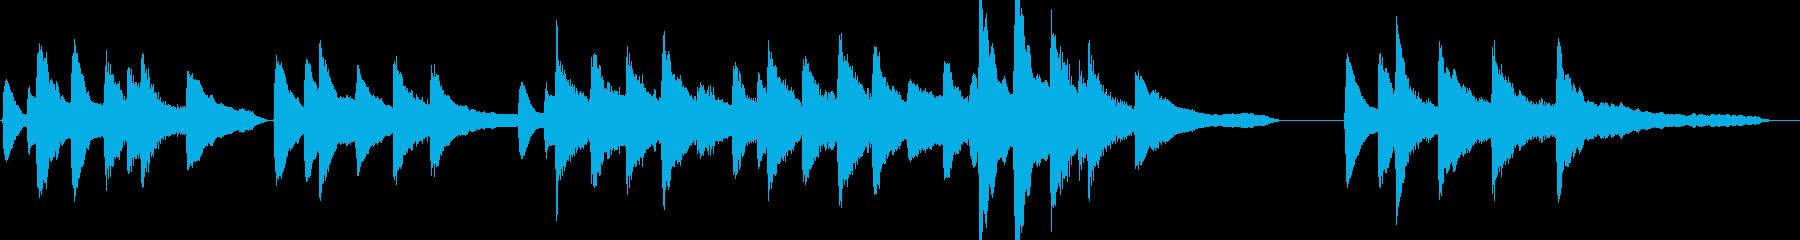 誕生日定番ソングのピアノ伴奏の再生済みの波形